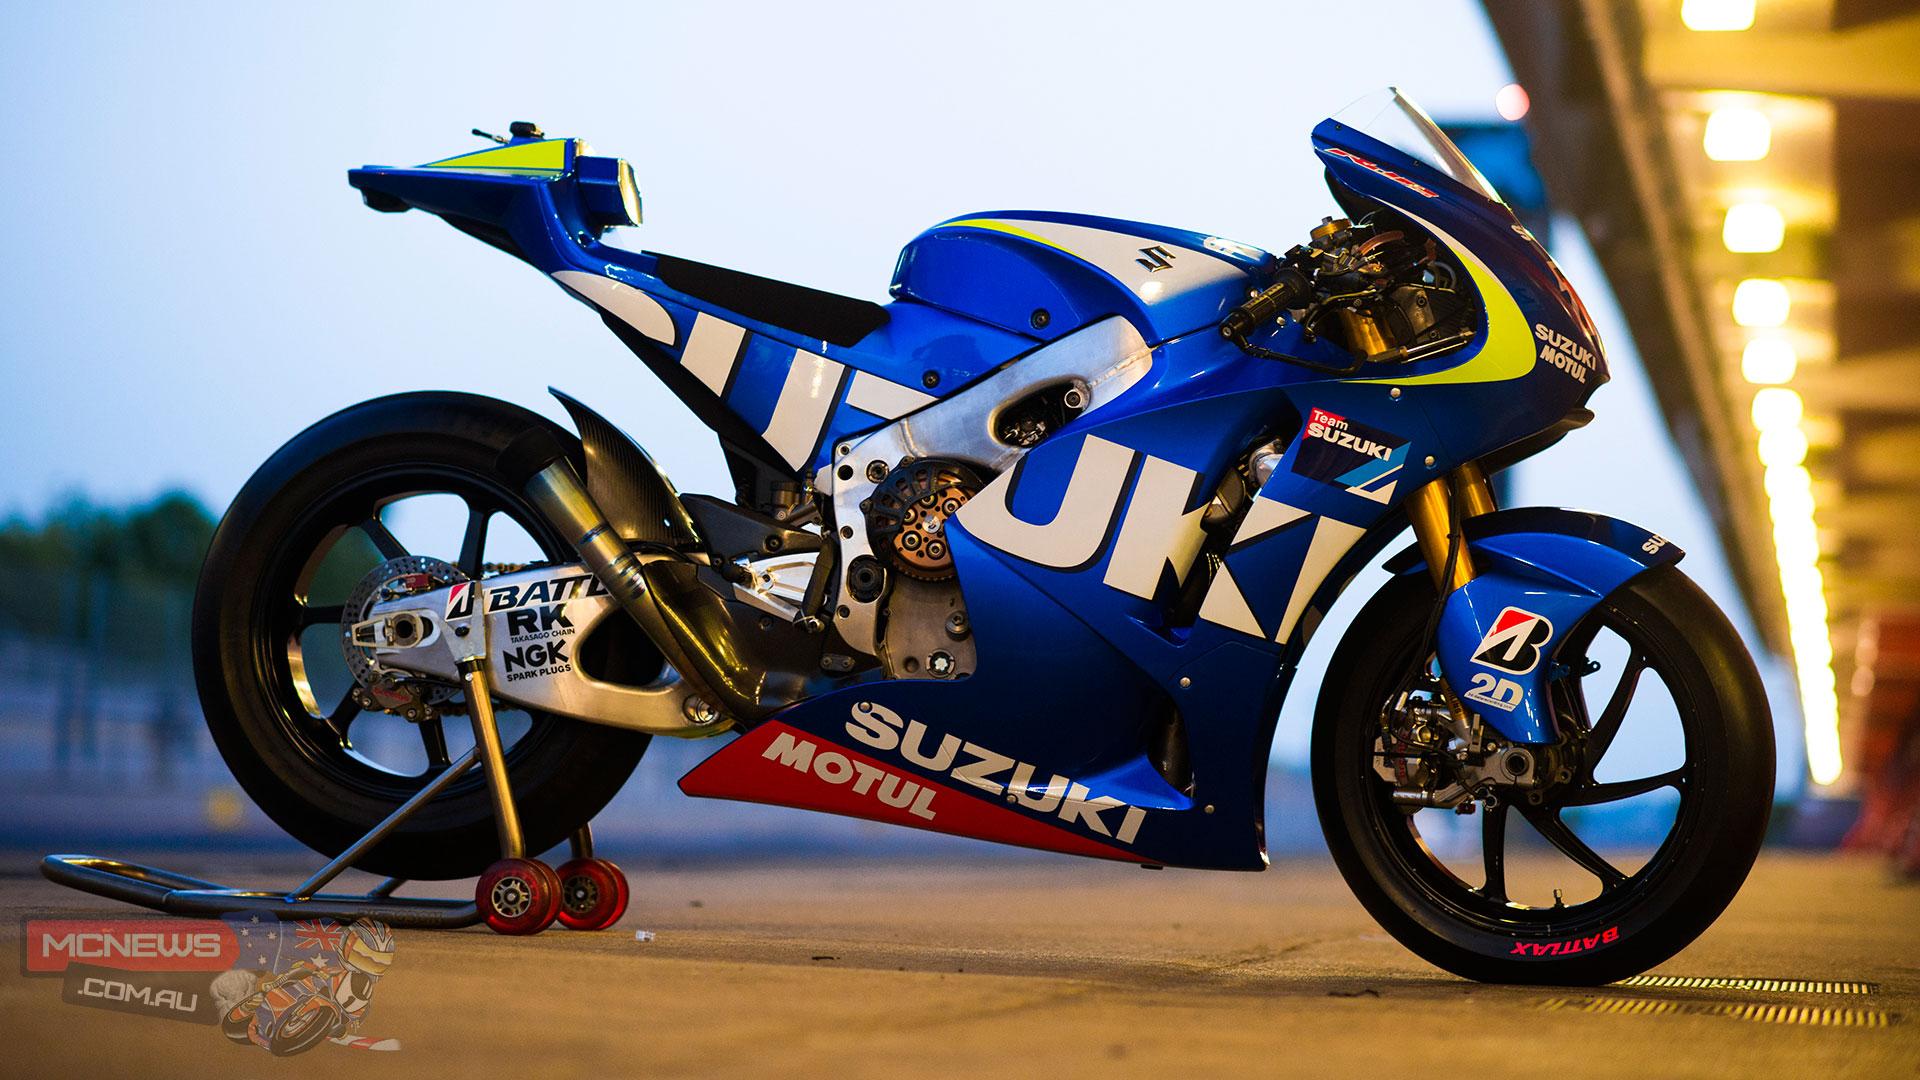 Suzuki MotoGP Test Machine 2013